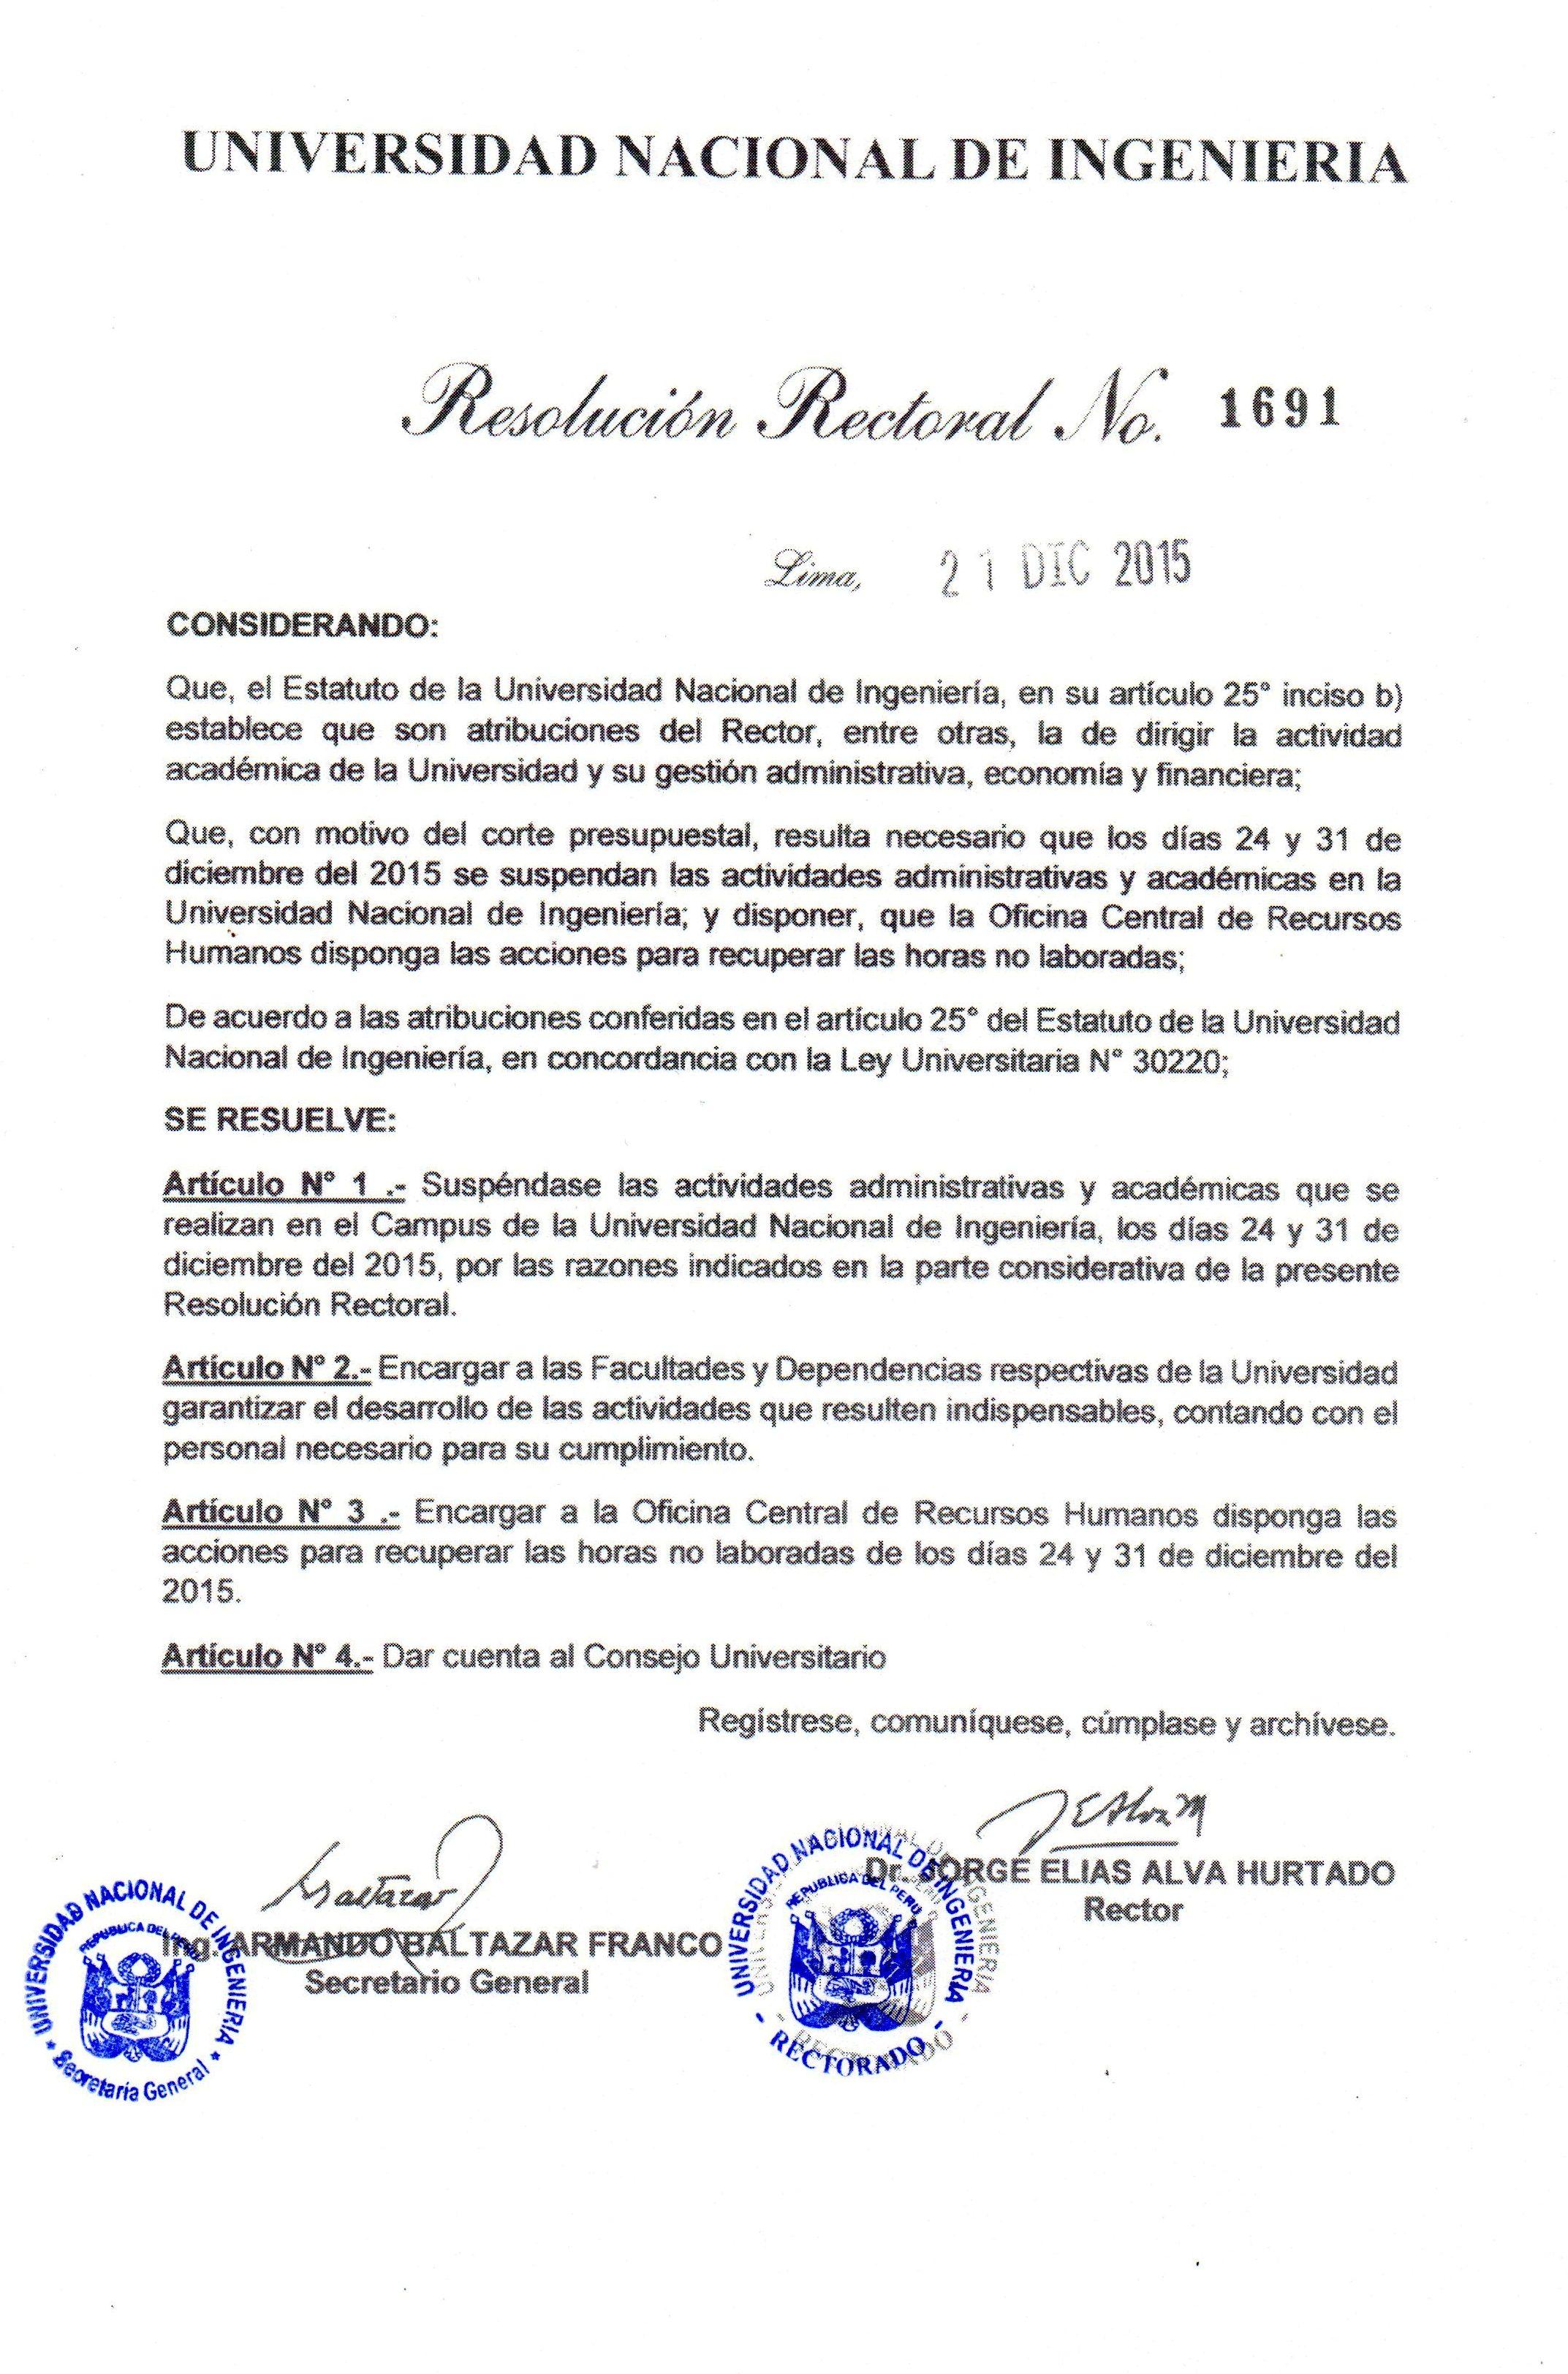 Universidad Nacional de Ingeniería - Suspensión de actividades ...